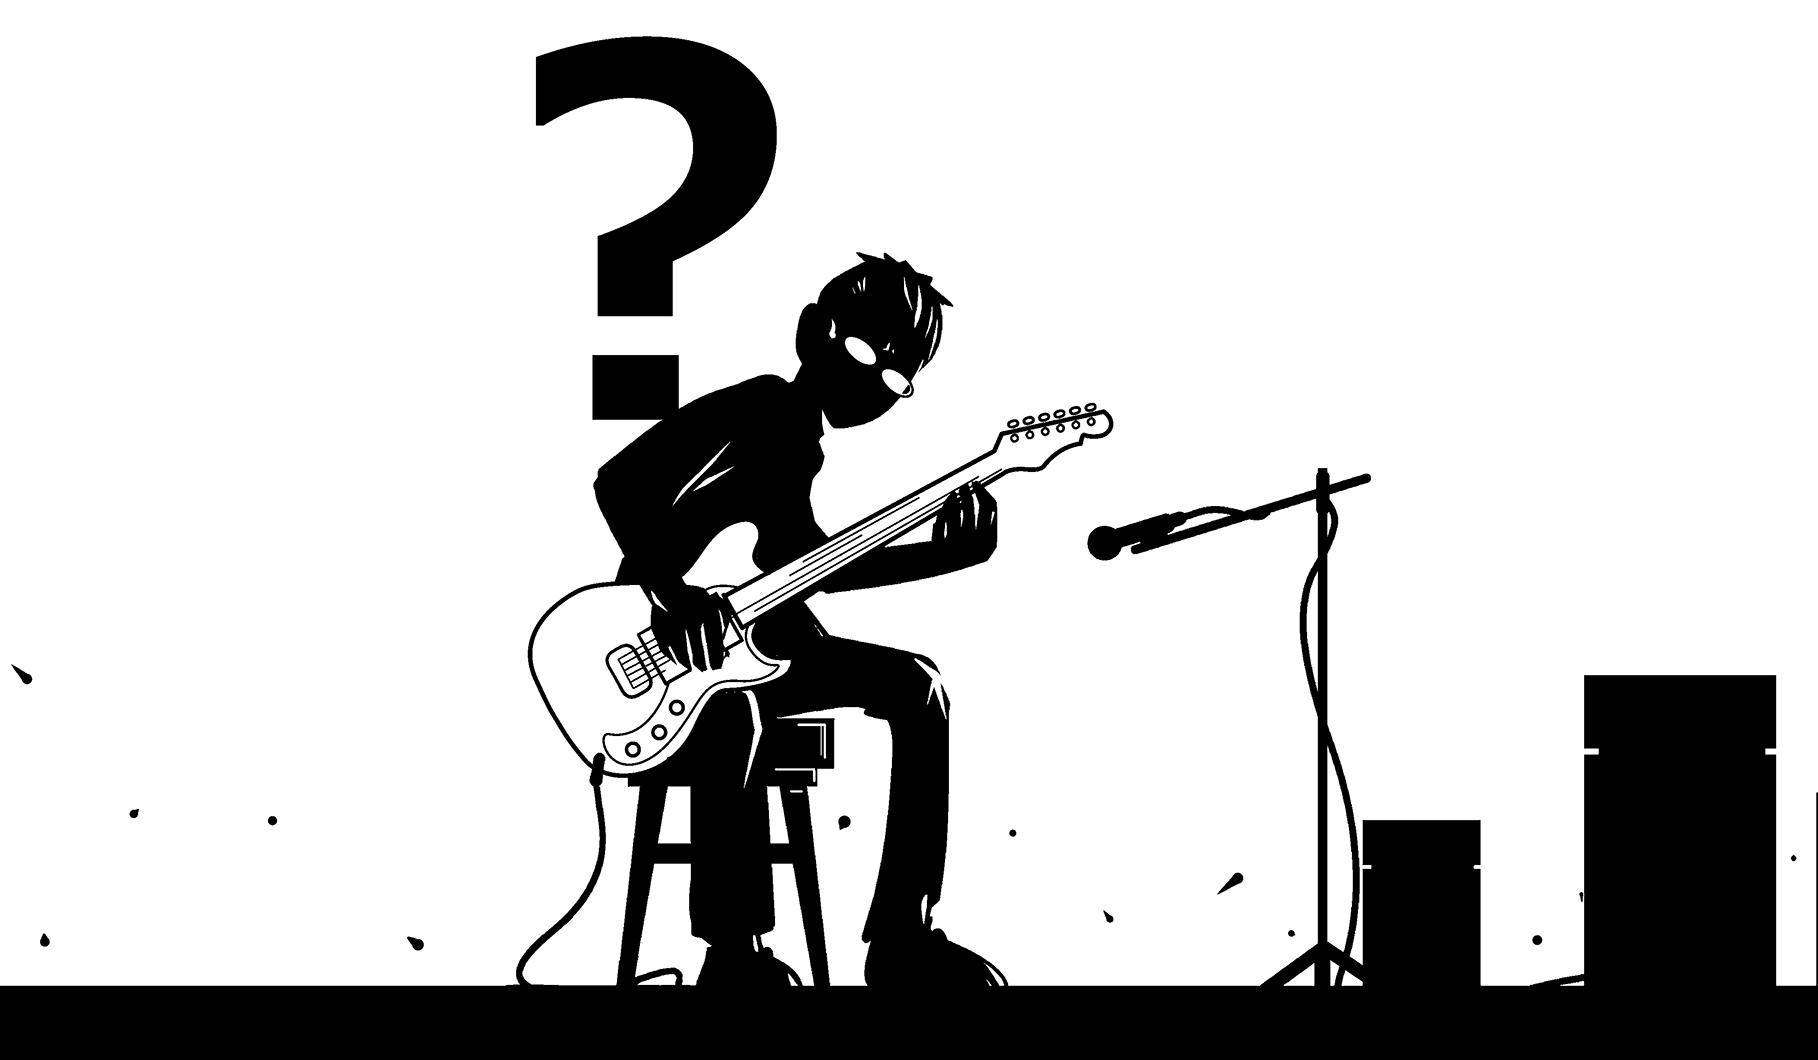 宮脇流セッション・ギタリスト養成塾簡単なコード進行に合わせてソロを弾く